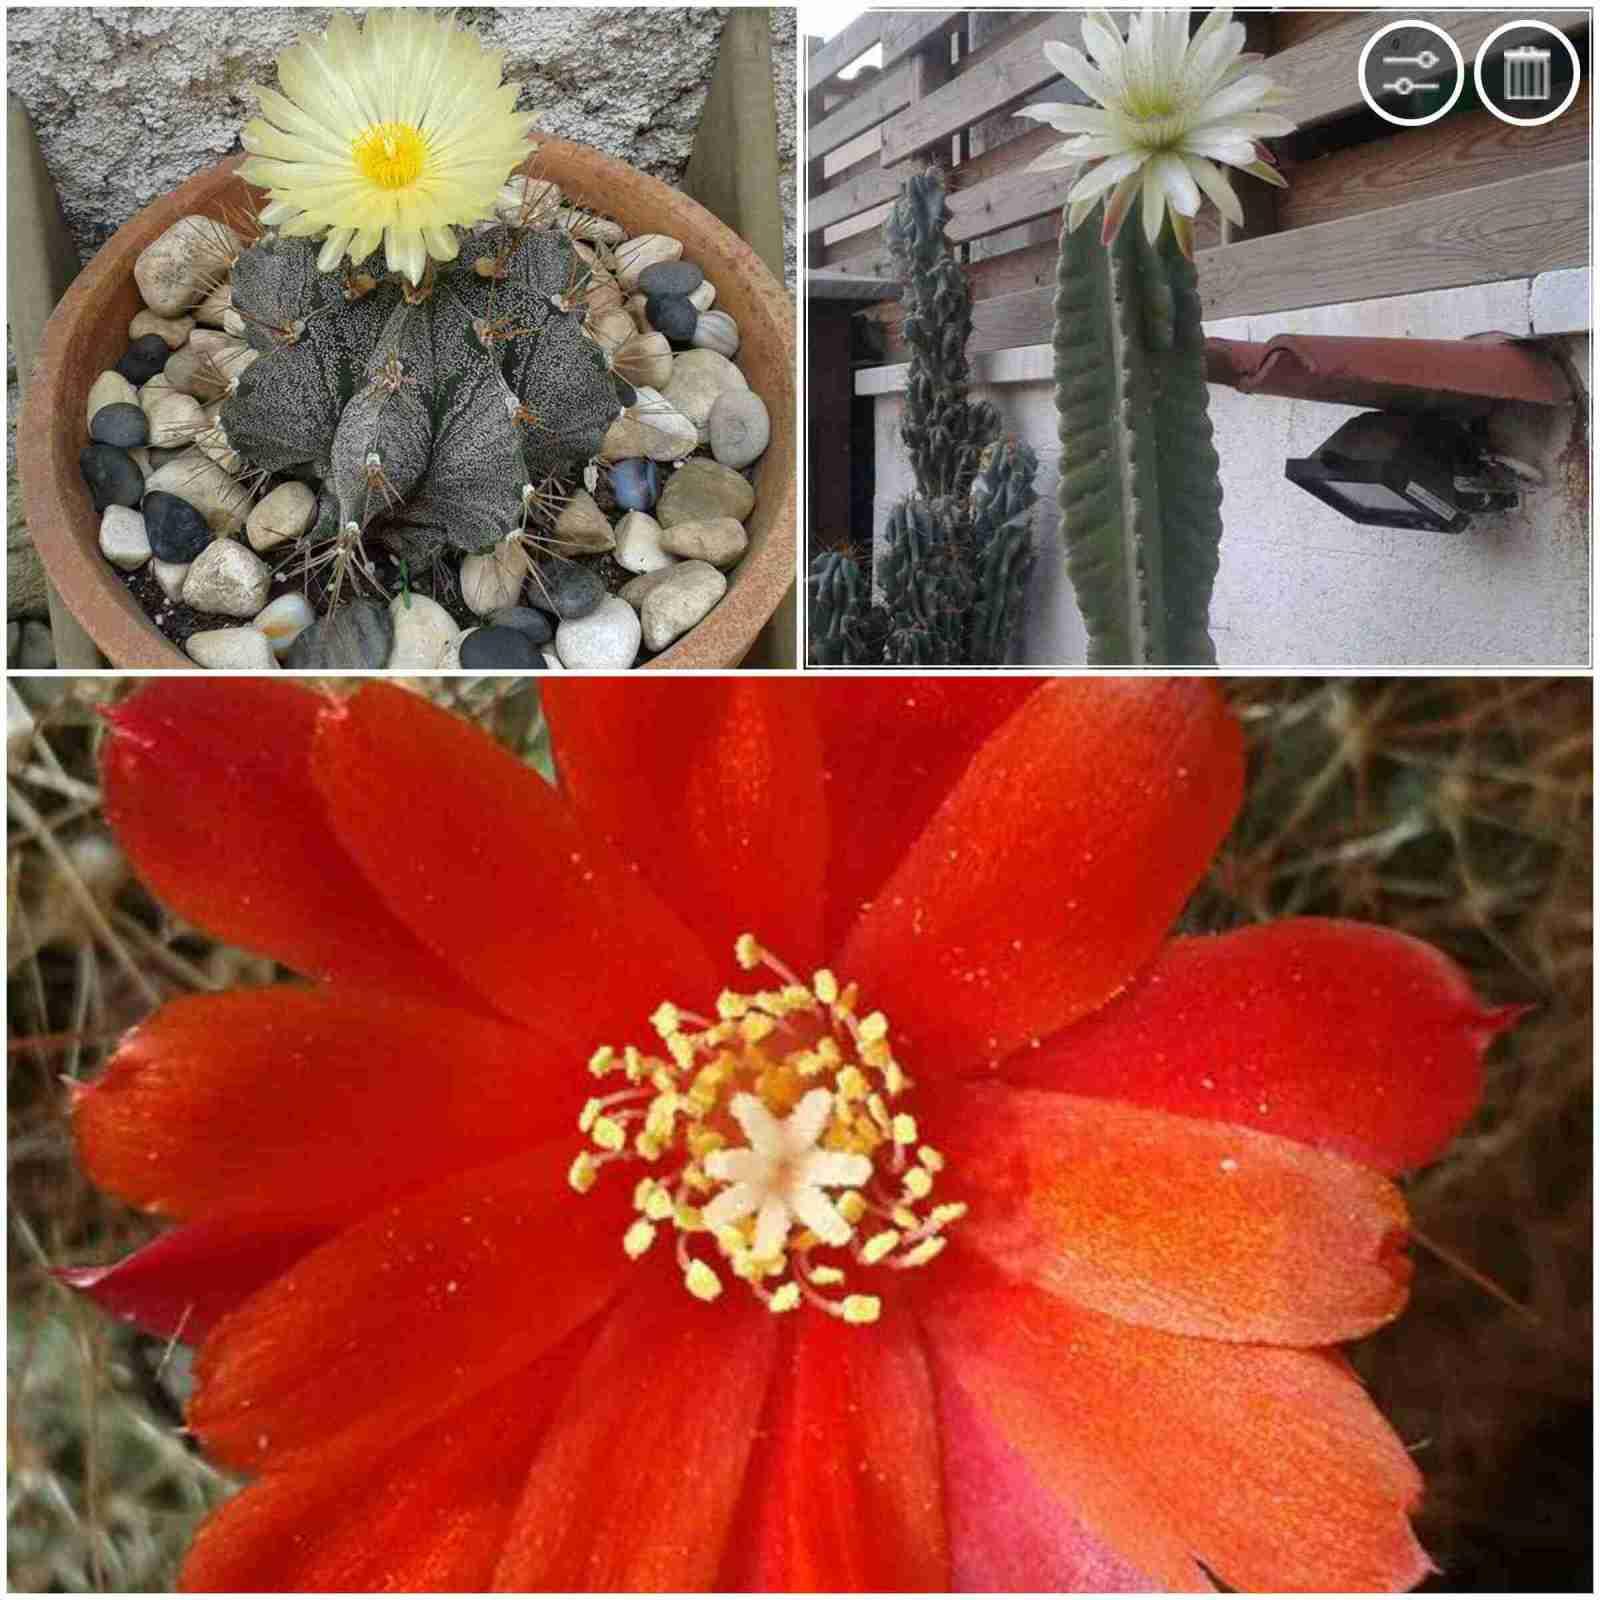 Cactus San Pedro florecido y mas de - Francia Tobon - 3